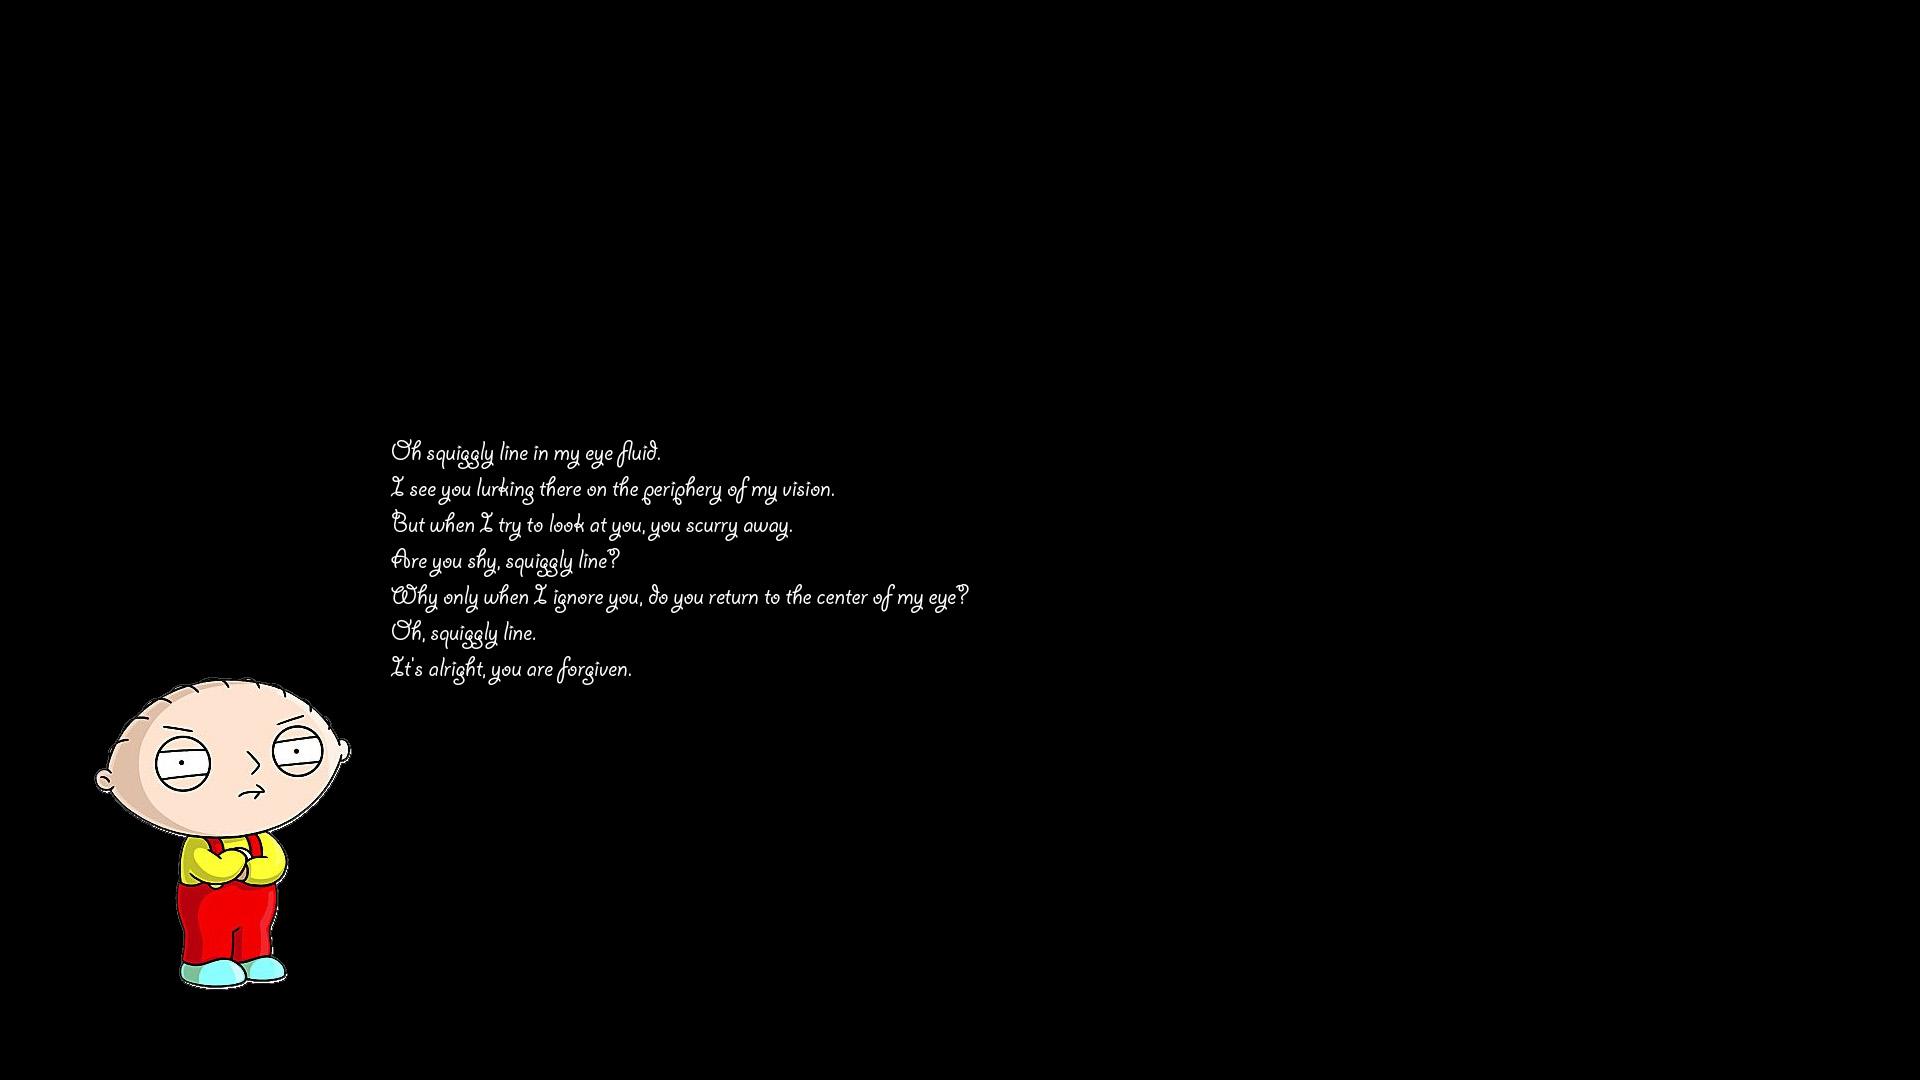 Quotes Stewie Wallpaper 1920x1080 Quotes Stewie Griffin 1920x1080